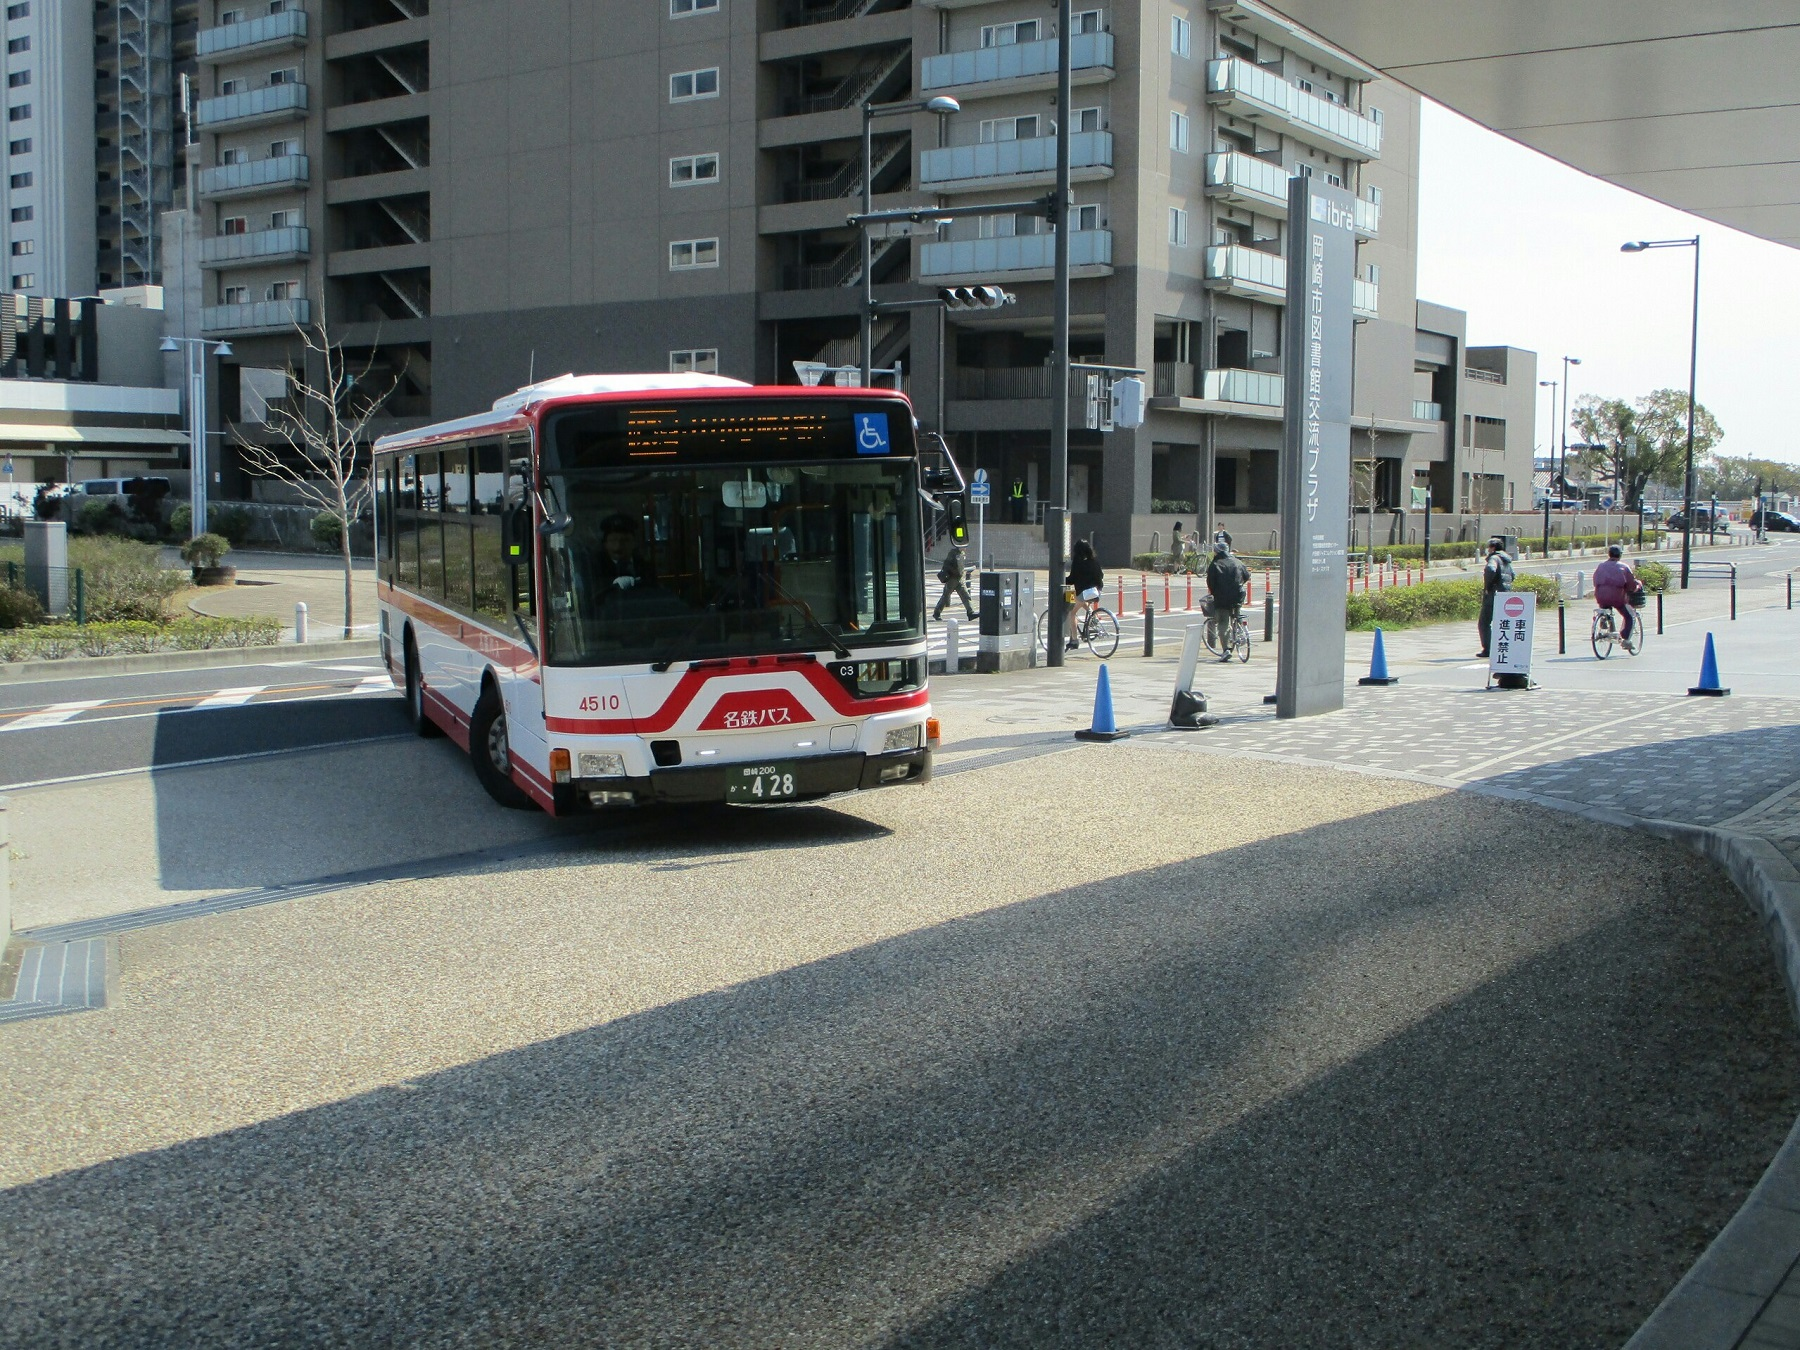 2019.3.15 (25) 図書館交流プラザバス停 - JR岡崎駅いき快速バス 1800-1350